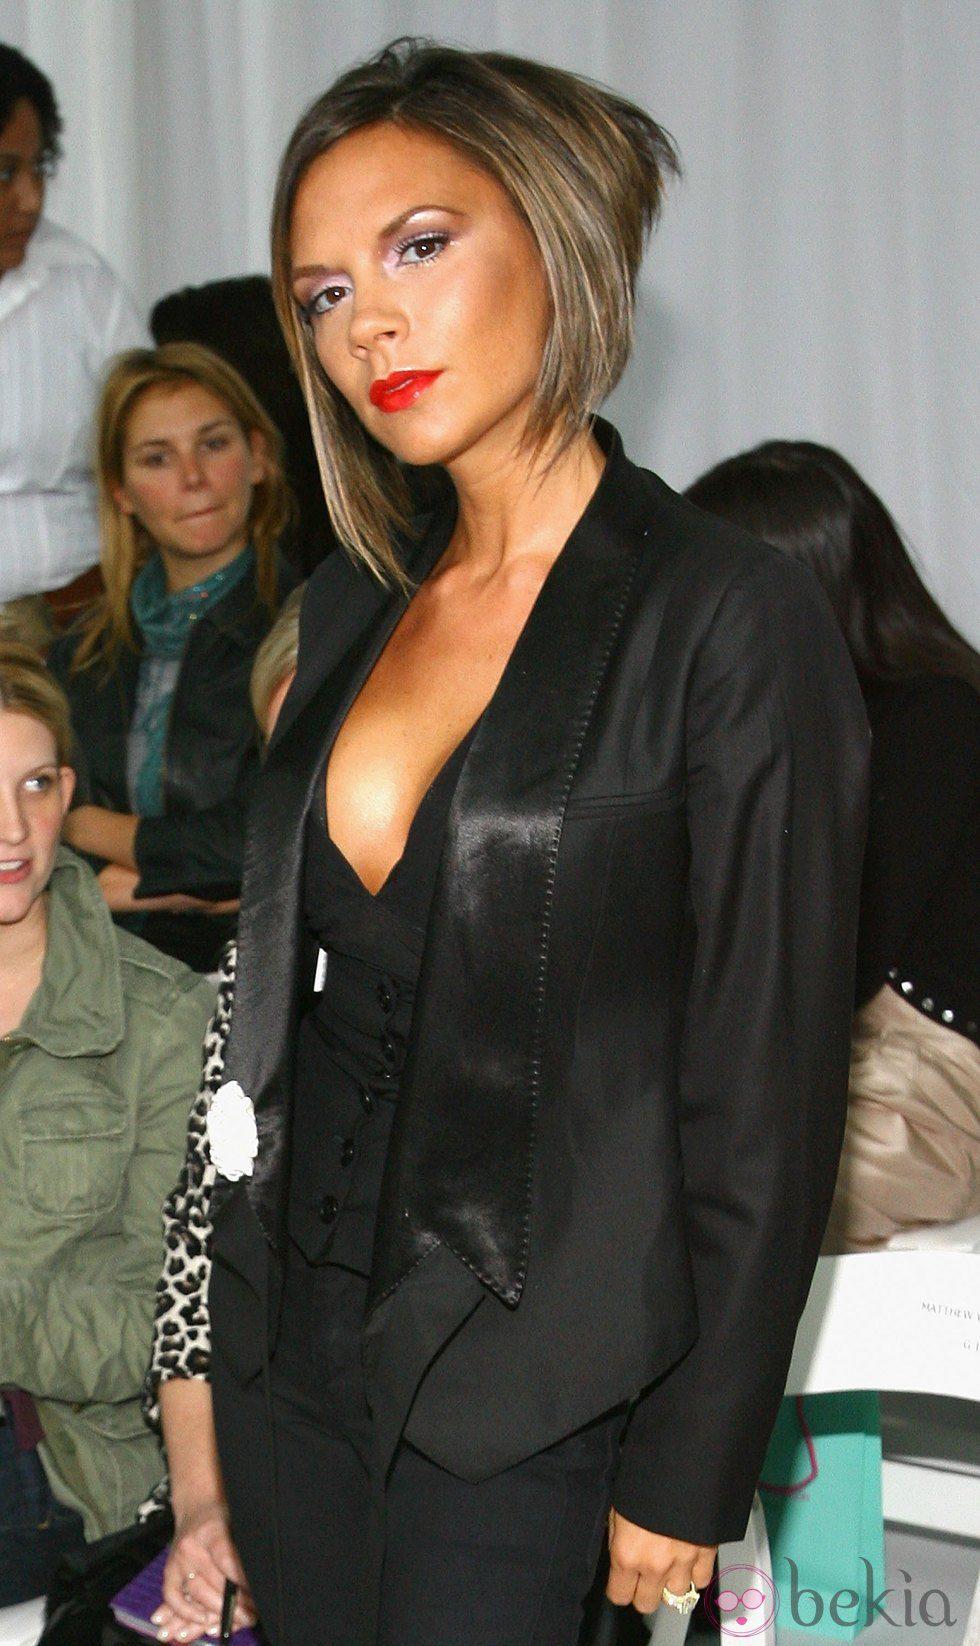 Victoria Beckham con corte tipo bob